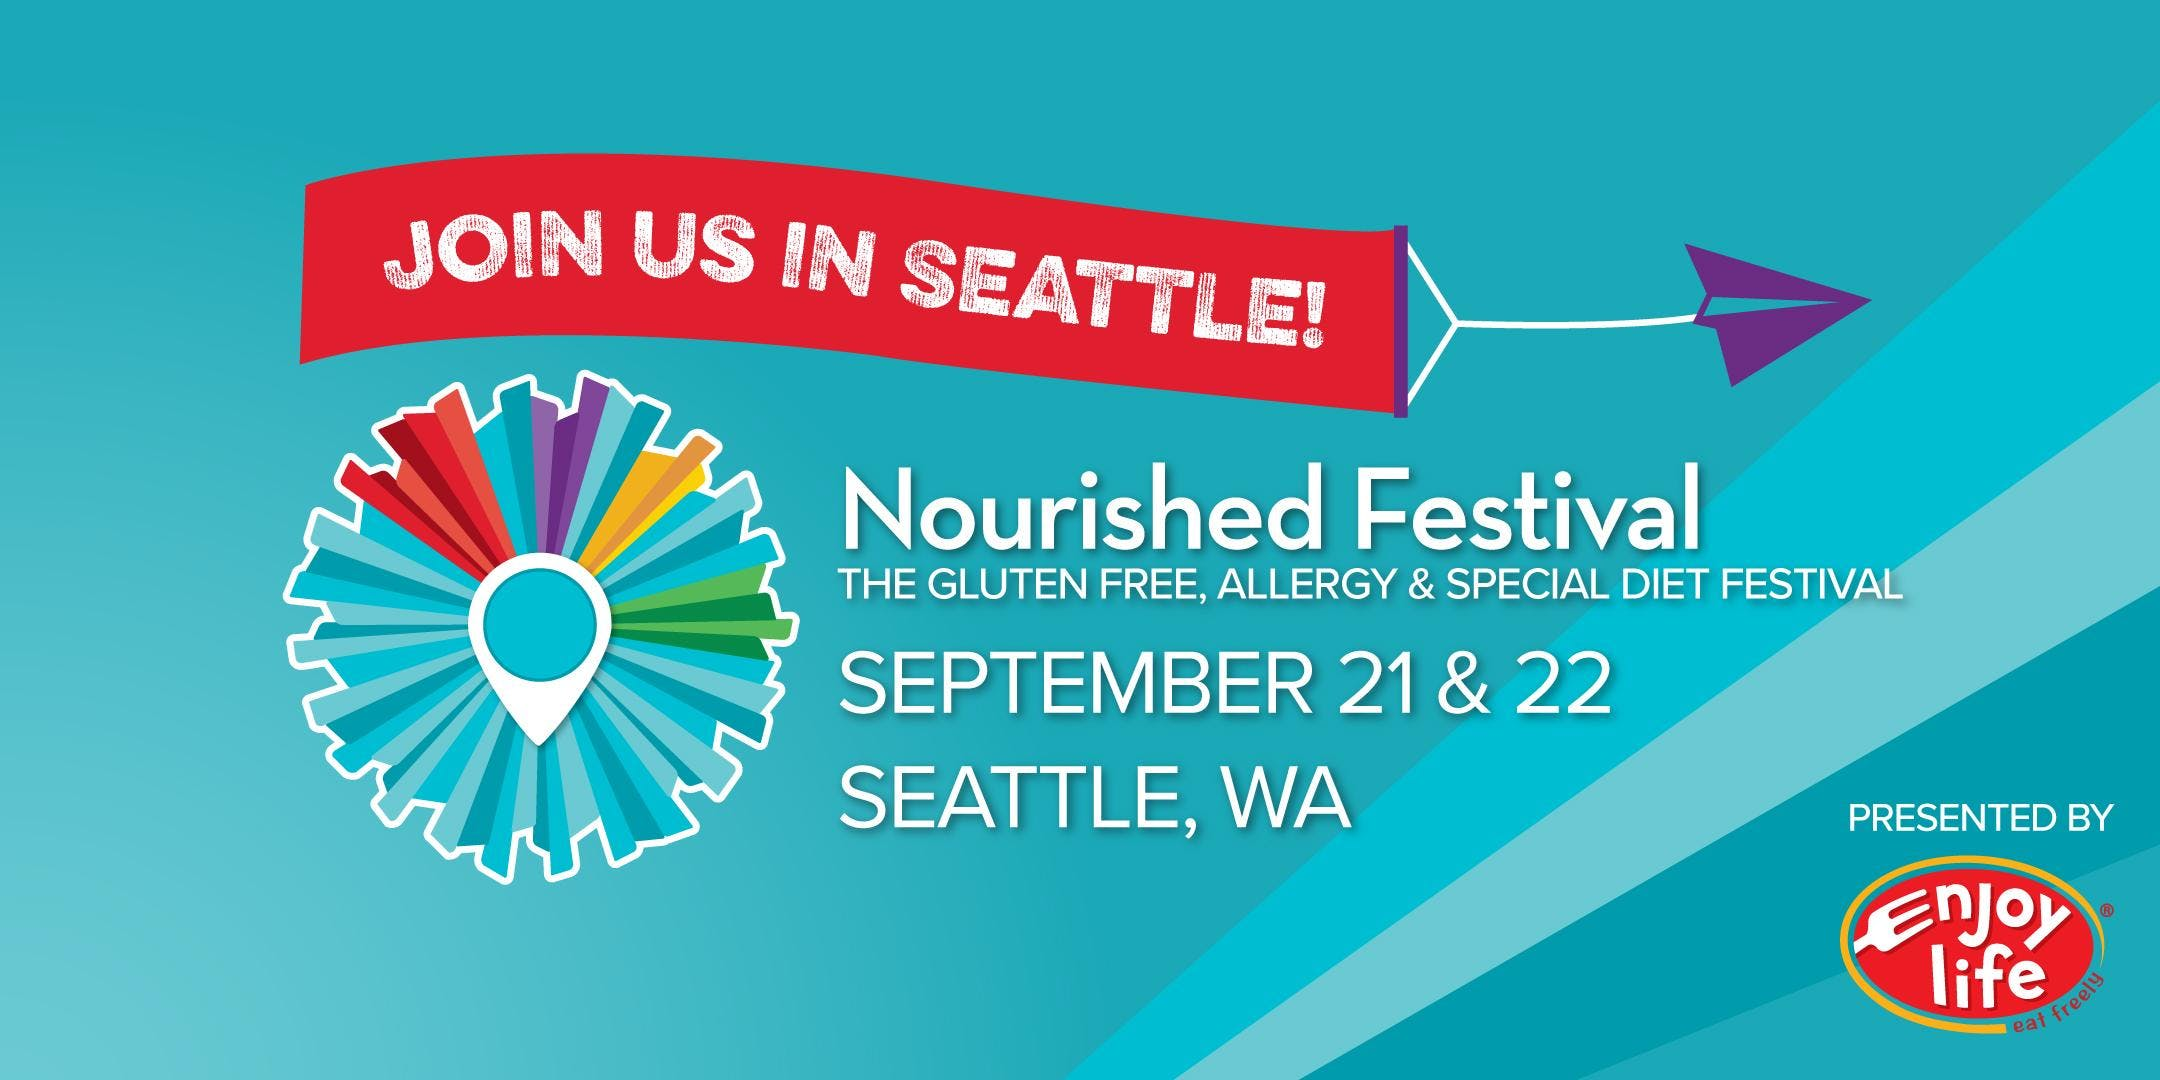 Seattle Nourished Festival (Sept 21-22)